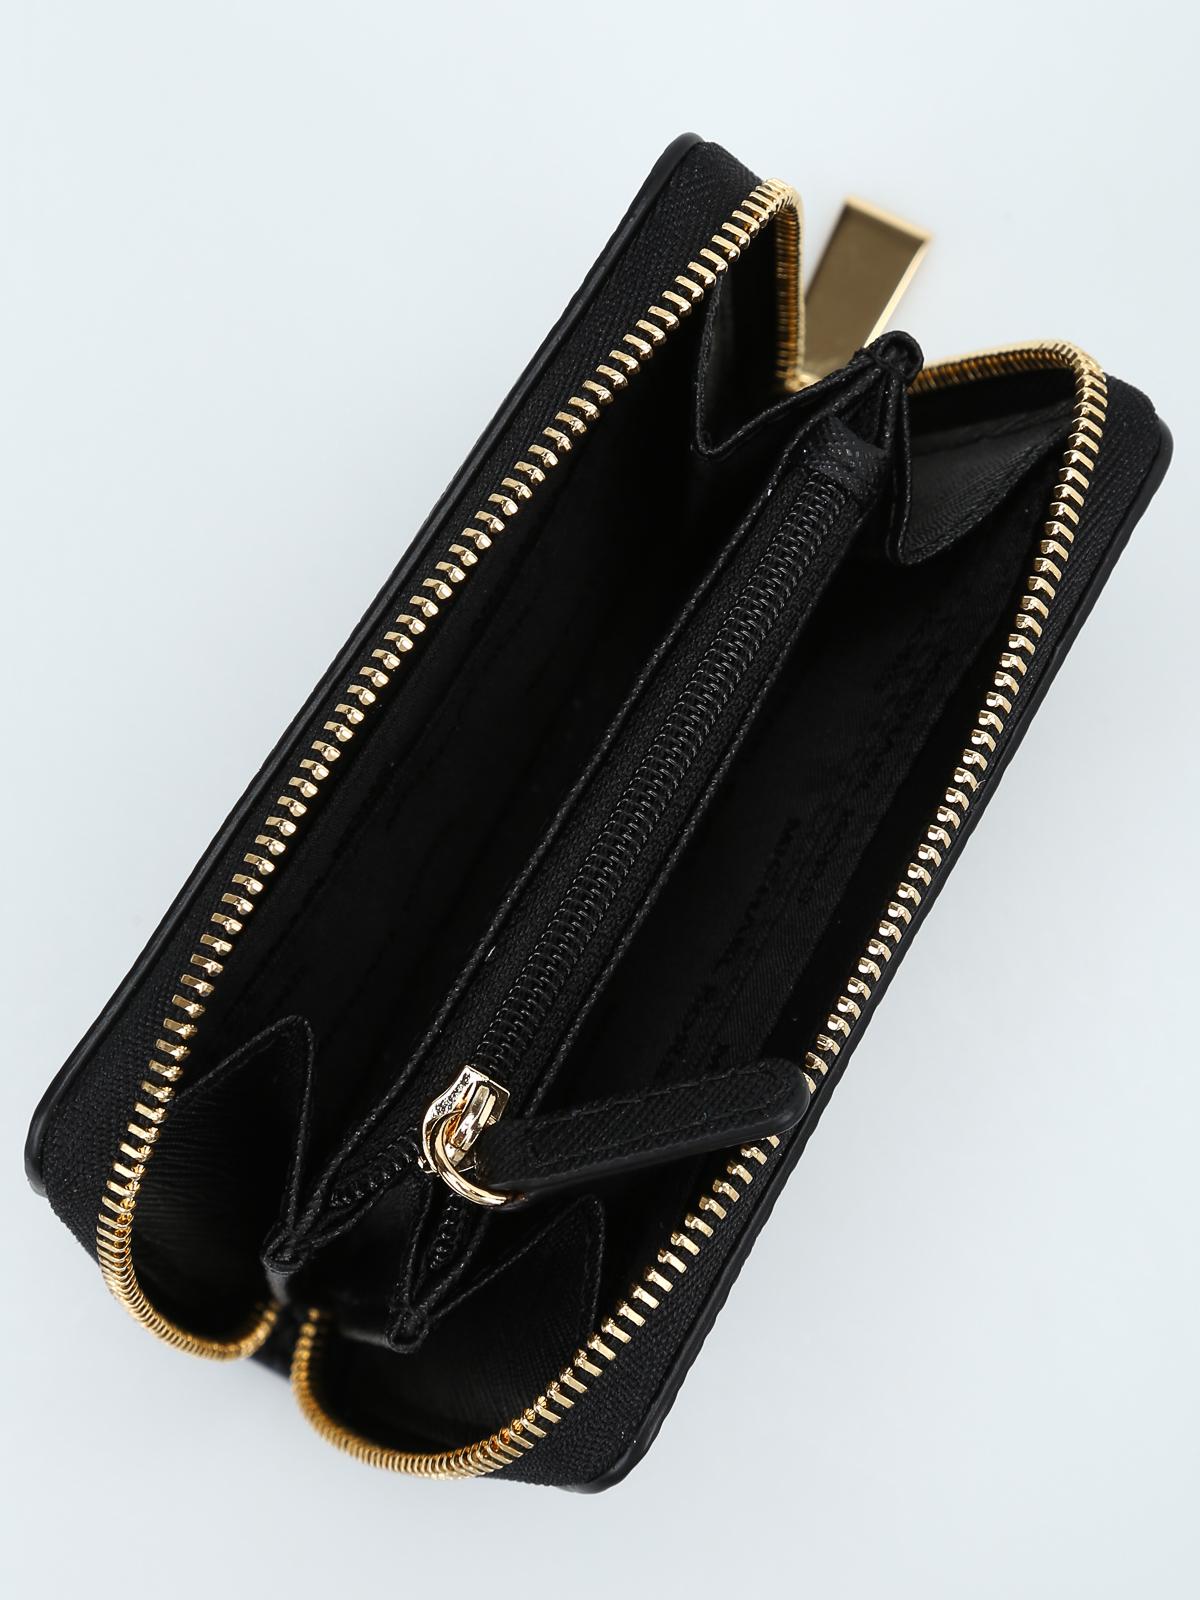 fd08dcdf19da Michael Kors - Money Pieces black card case - wallets & purses ...